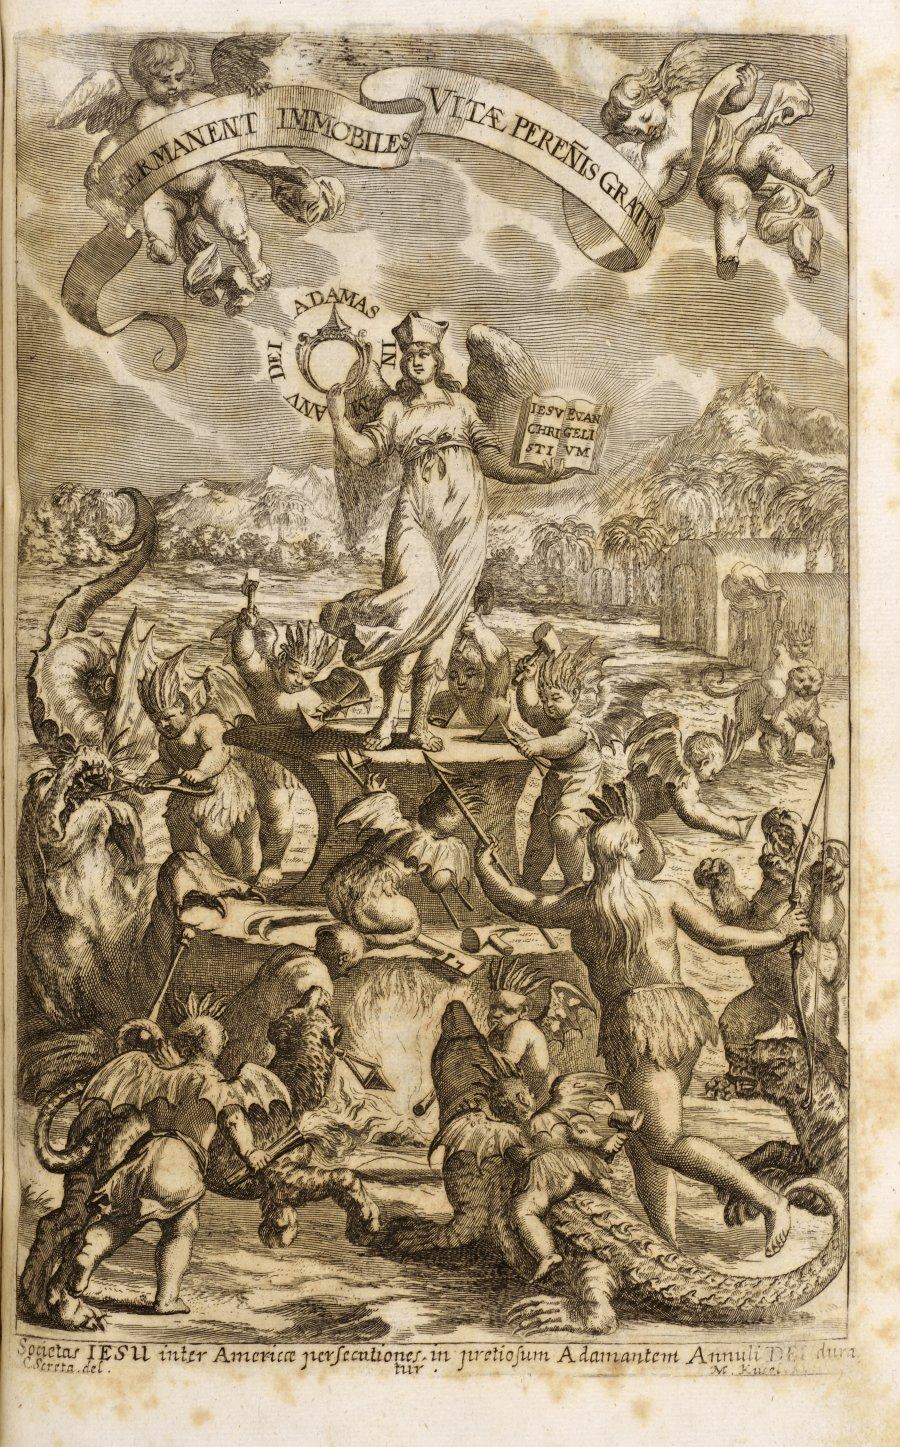 A JESUIT MARTYROLOGY